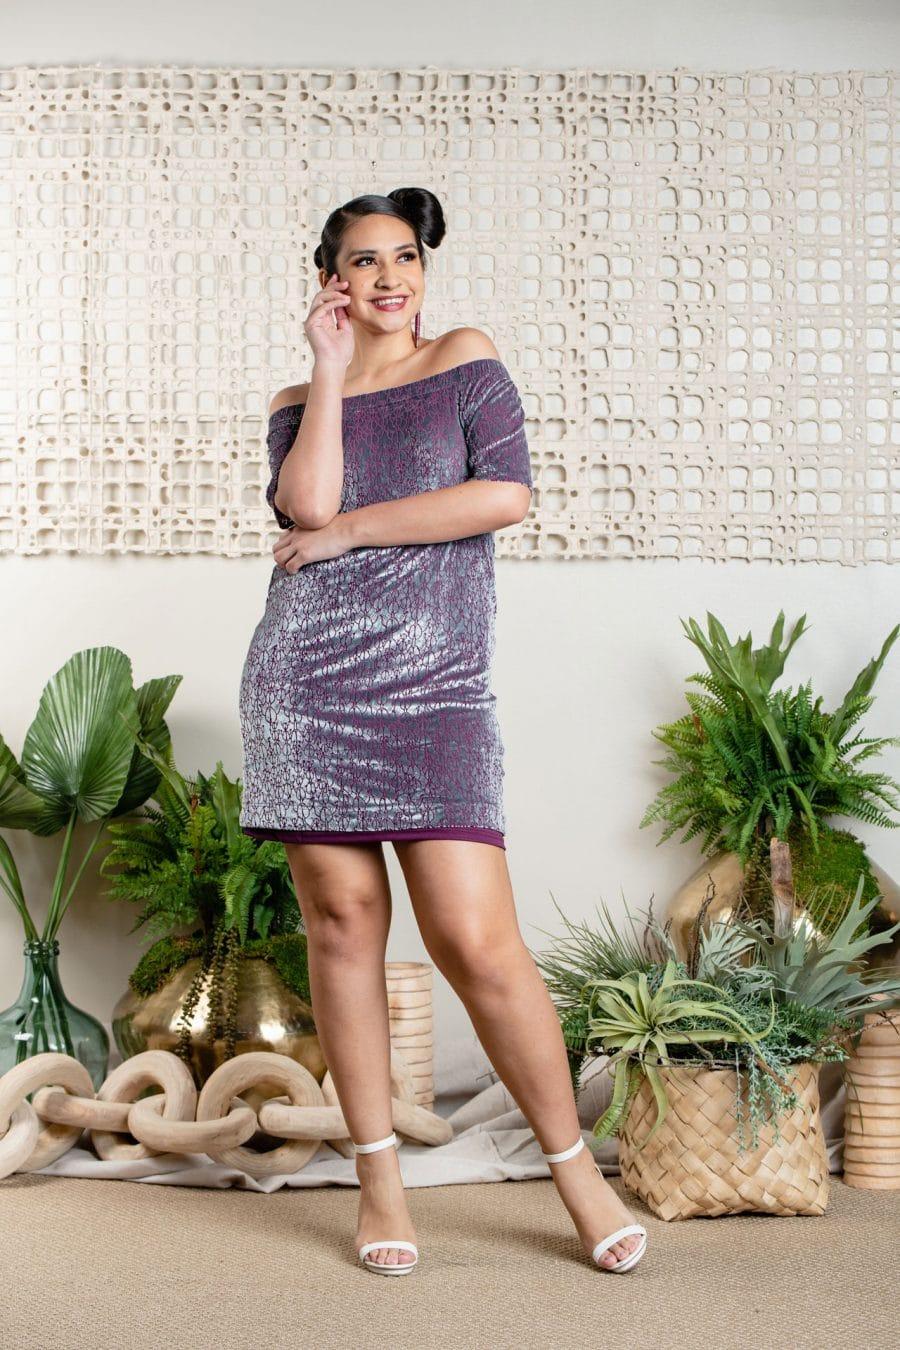 Model wearing AKALA SHORT DRESS in Pixie Purple Kapualiko